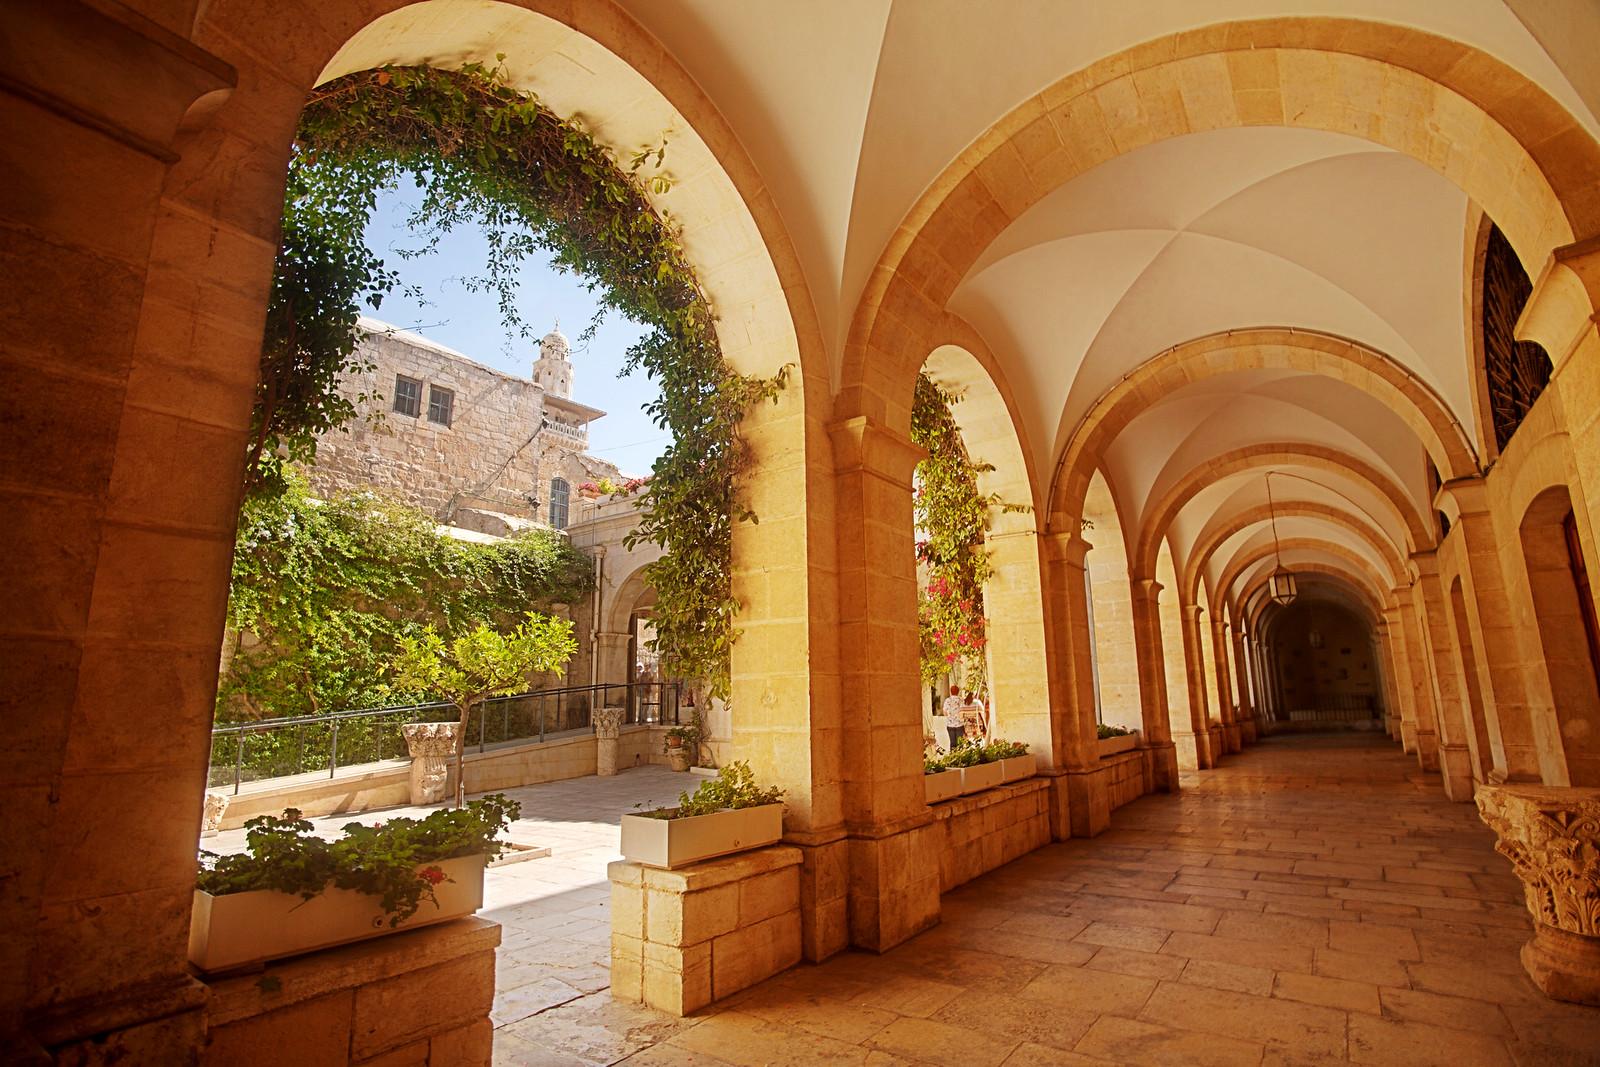 Jerusalem_Via Dolorosa_Station 2 (2)_Noam Chen_IMOT